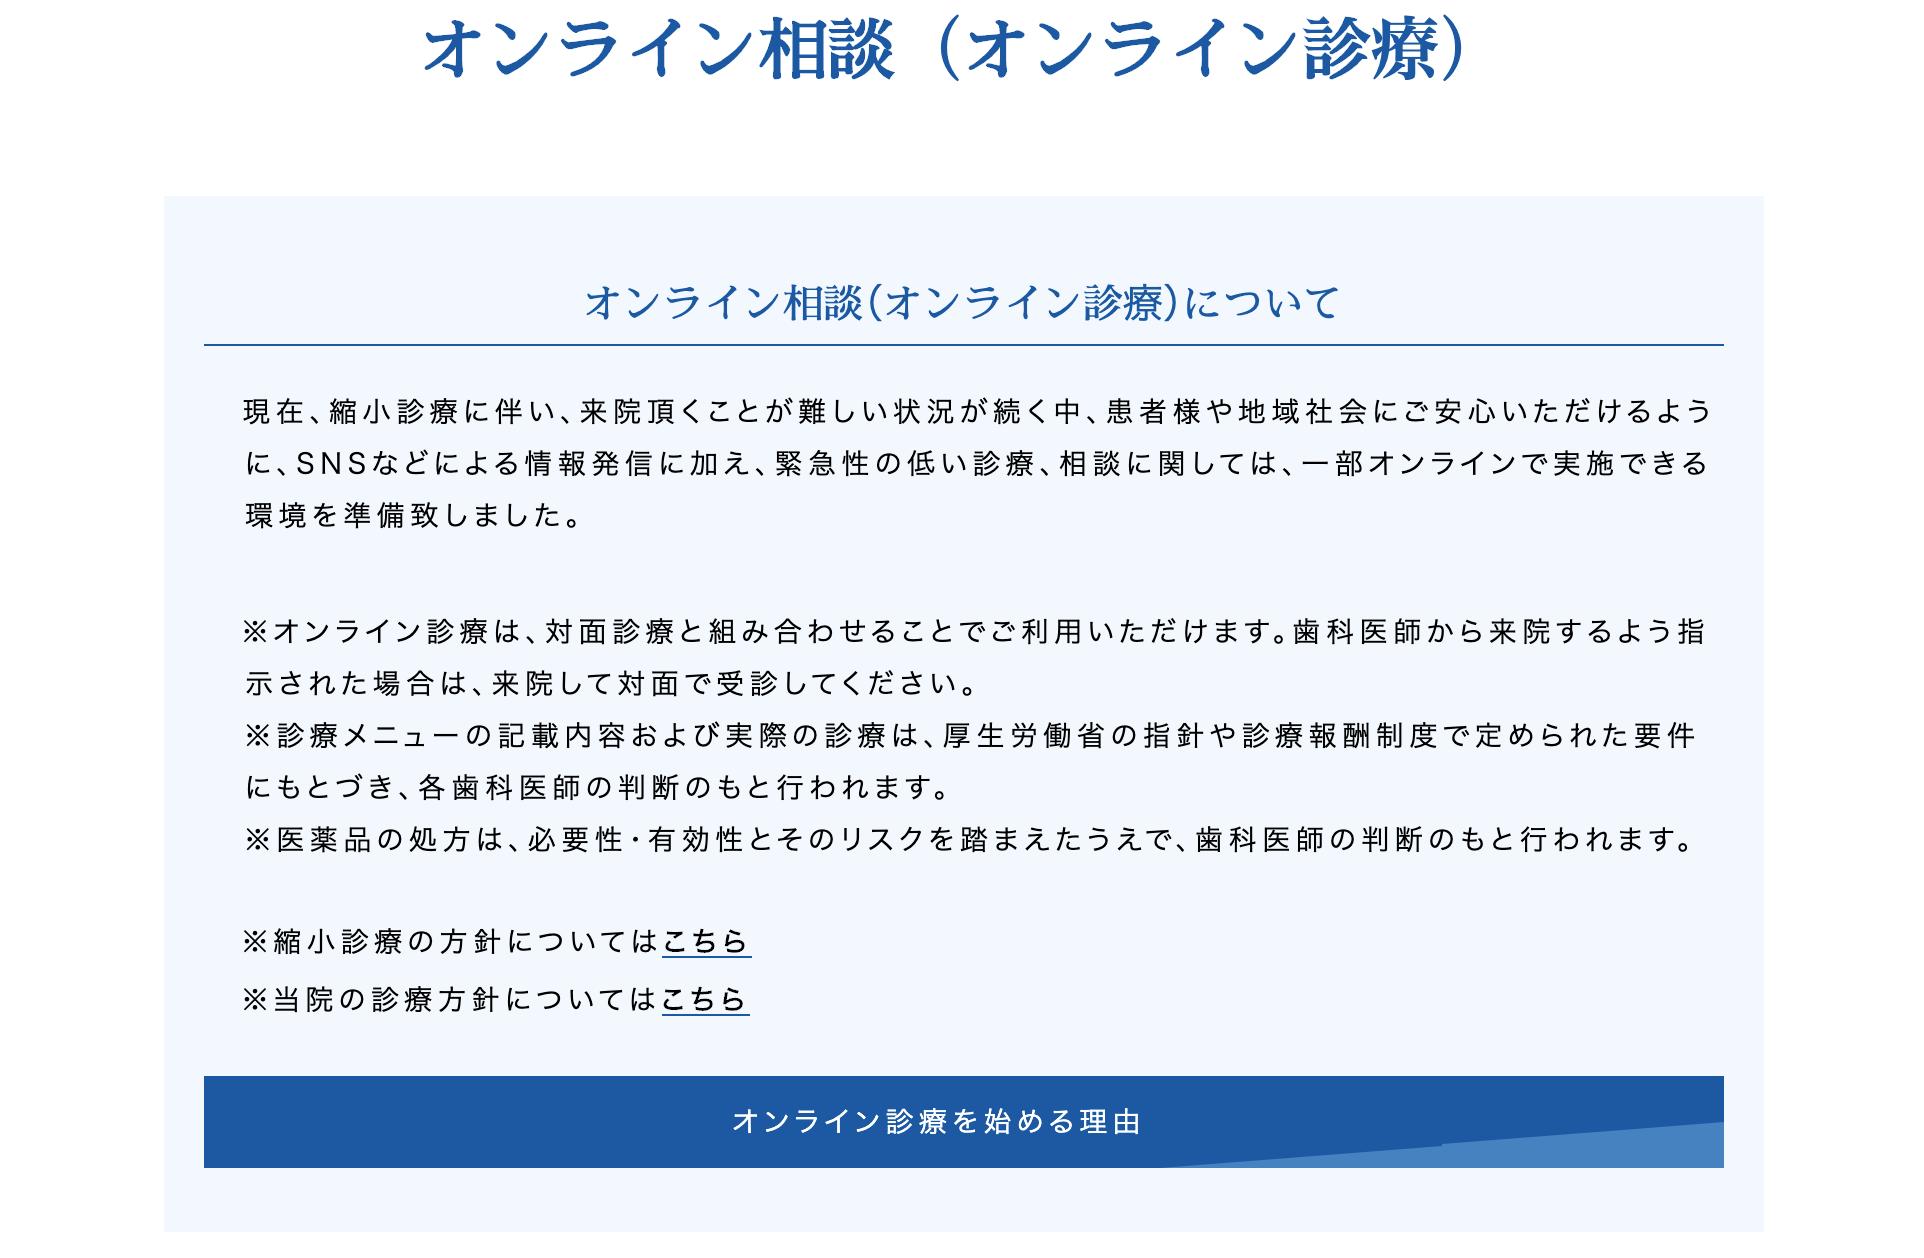 友枝歯科クリニック オンライン相談 オンライン診療 WEB予約